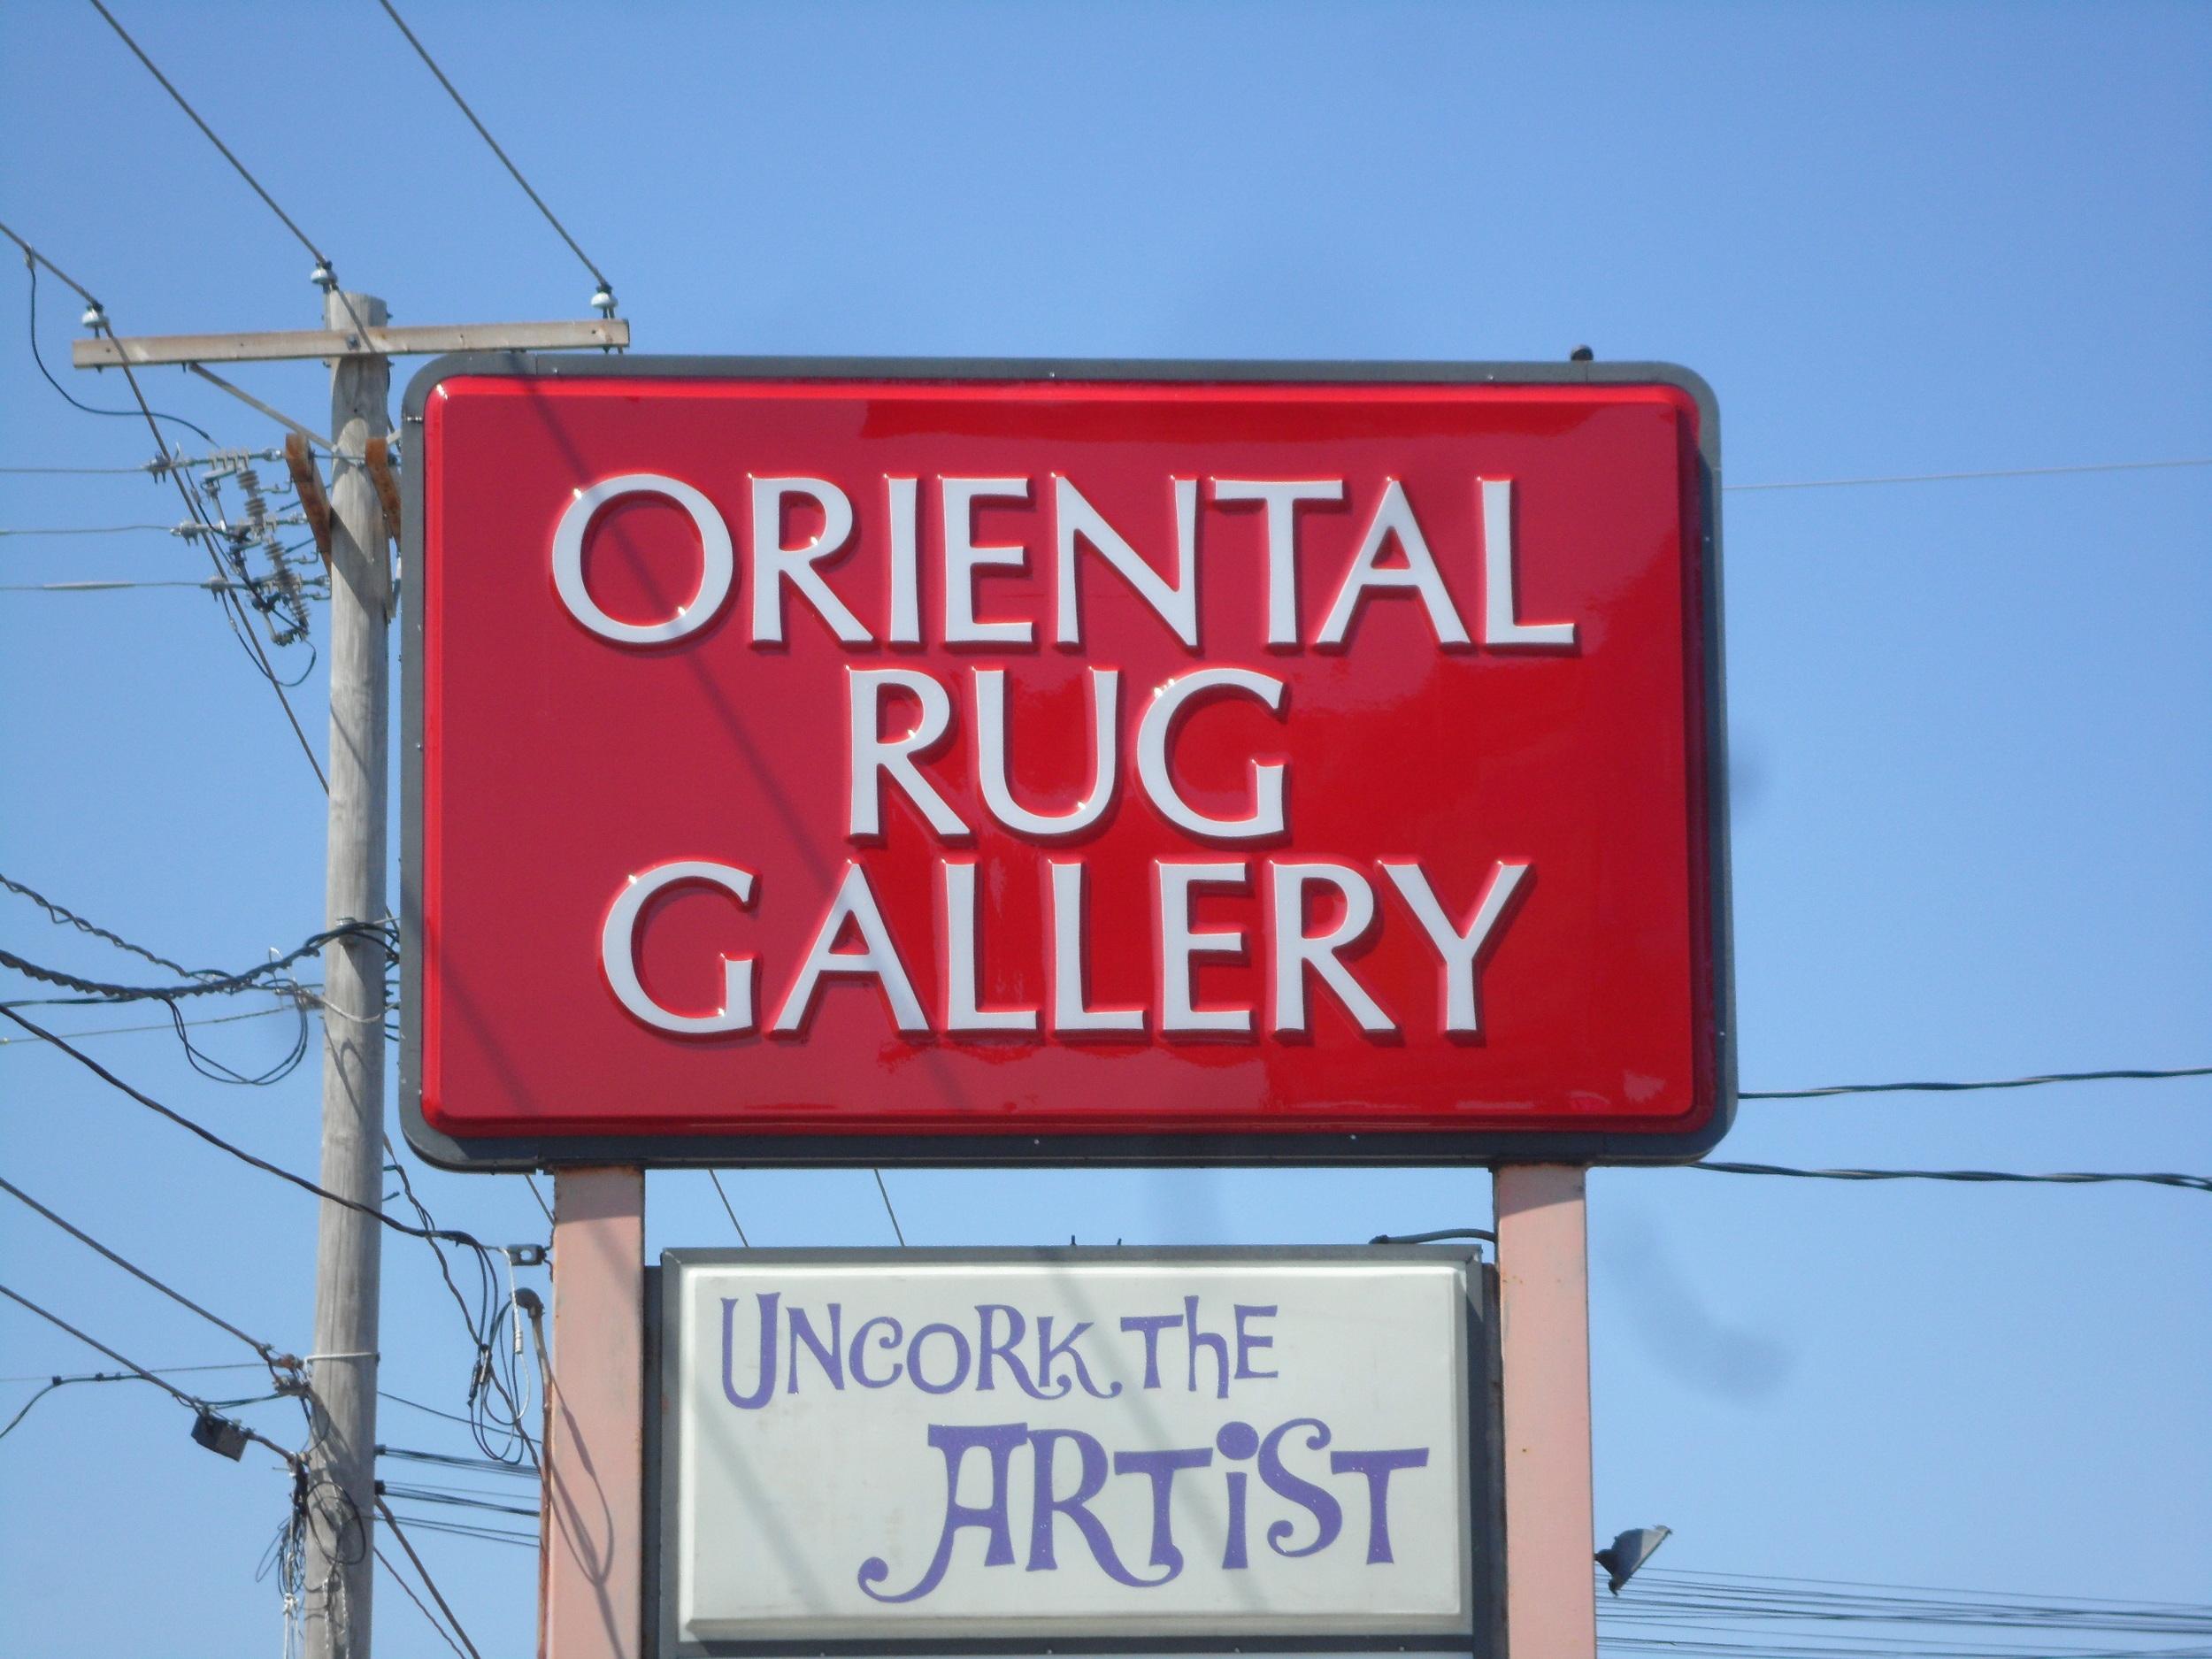 Oriental Rug Gallery